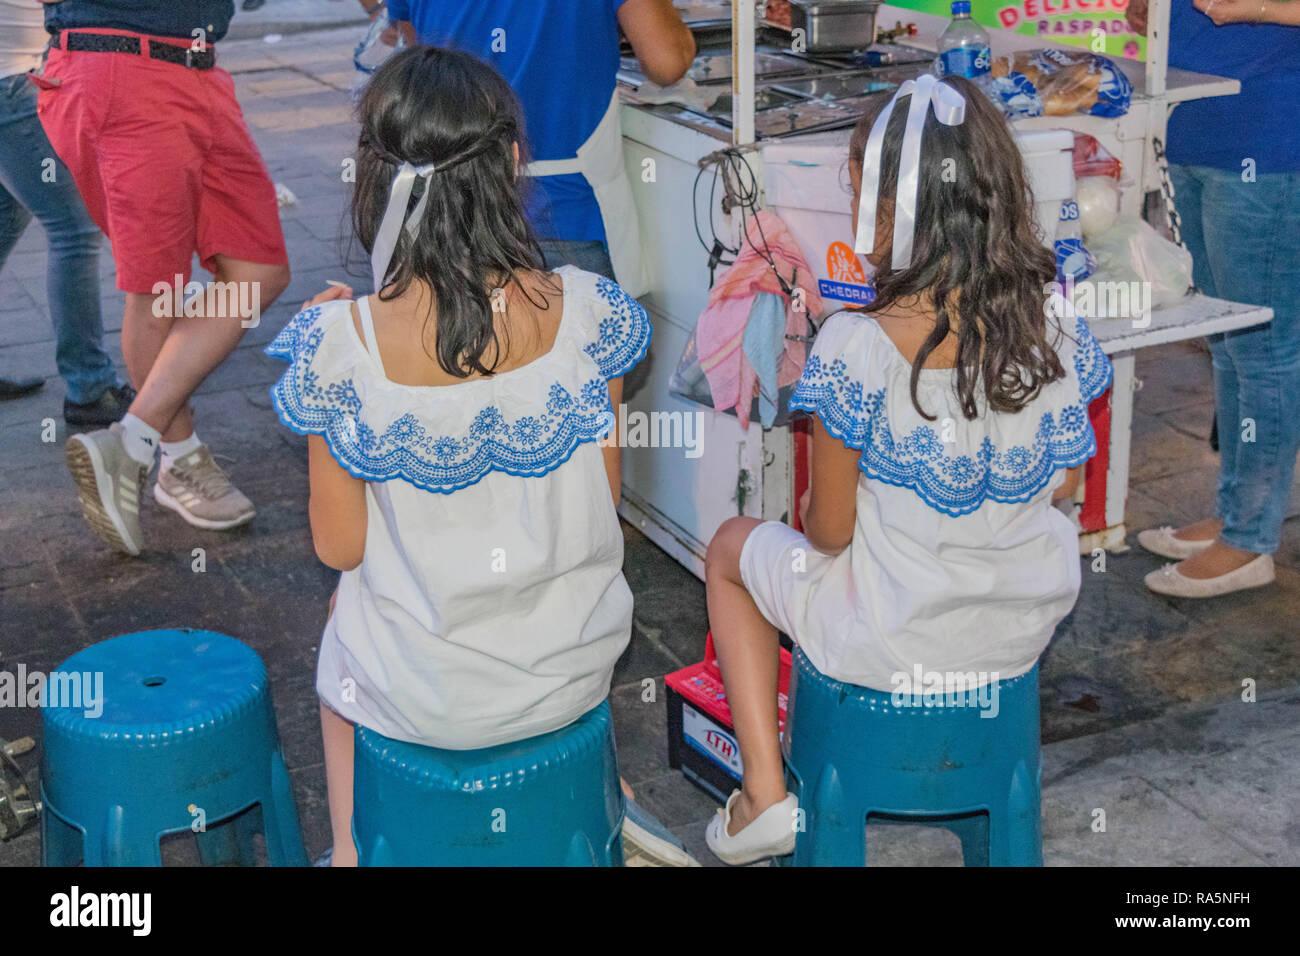 Deux jeunes filles en robes blanches identiques avec broderie bleu, assis à un food sur la rue, à Oaxaca, Mexique Photo Stock